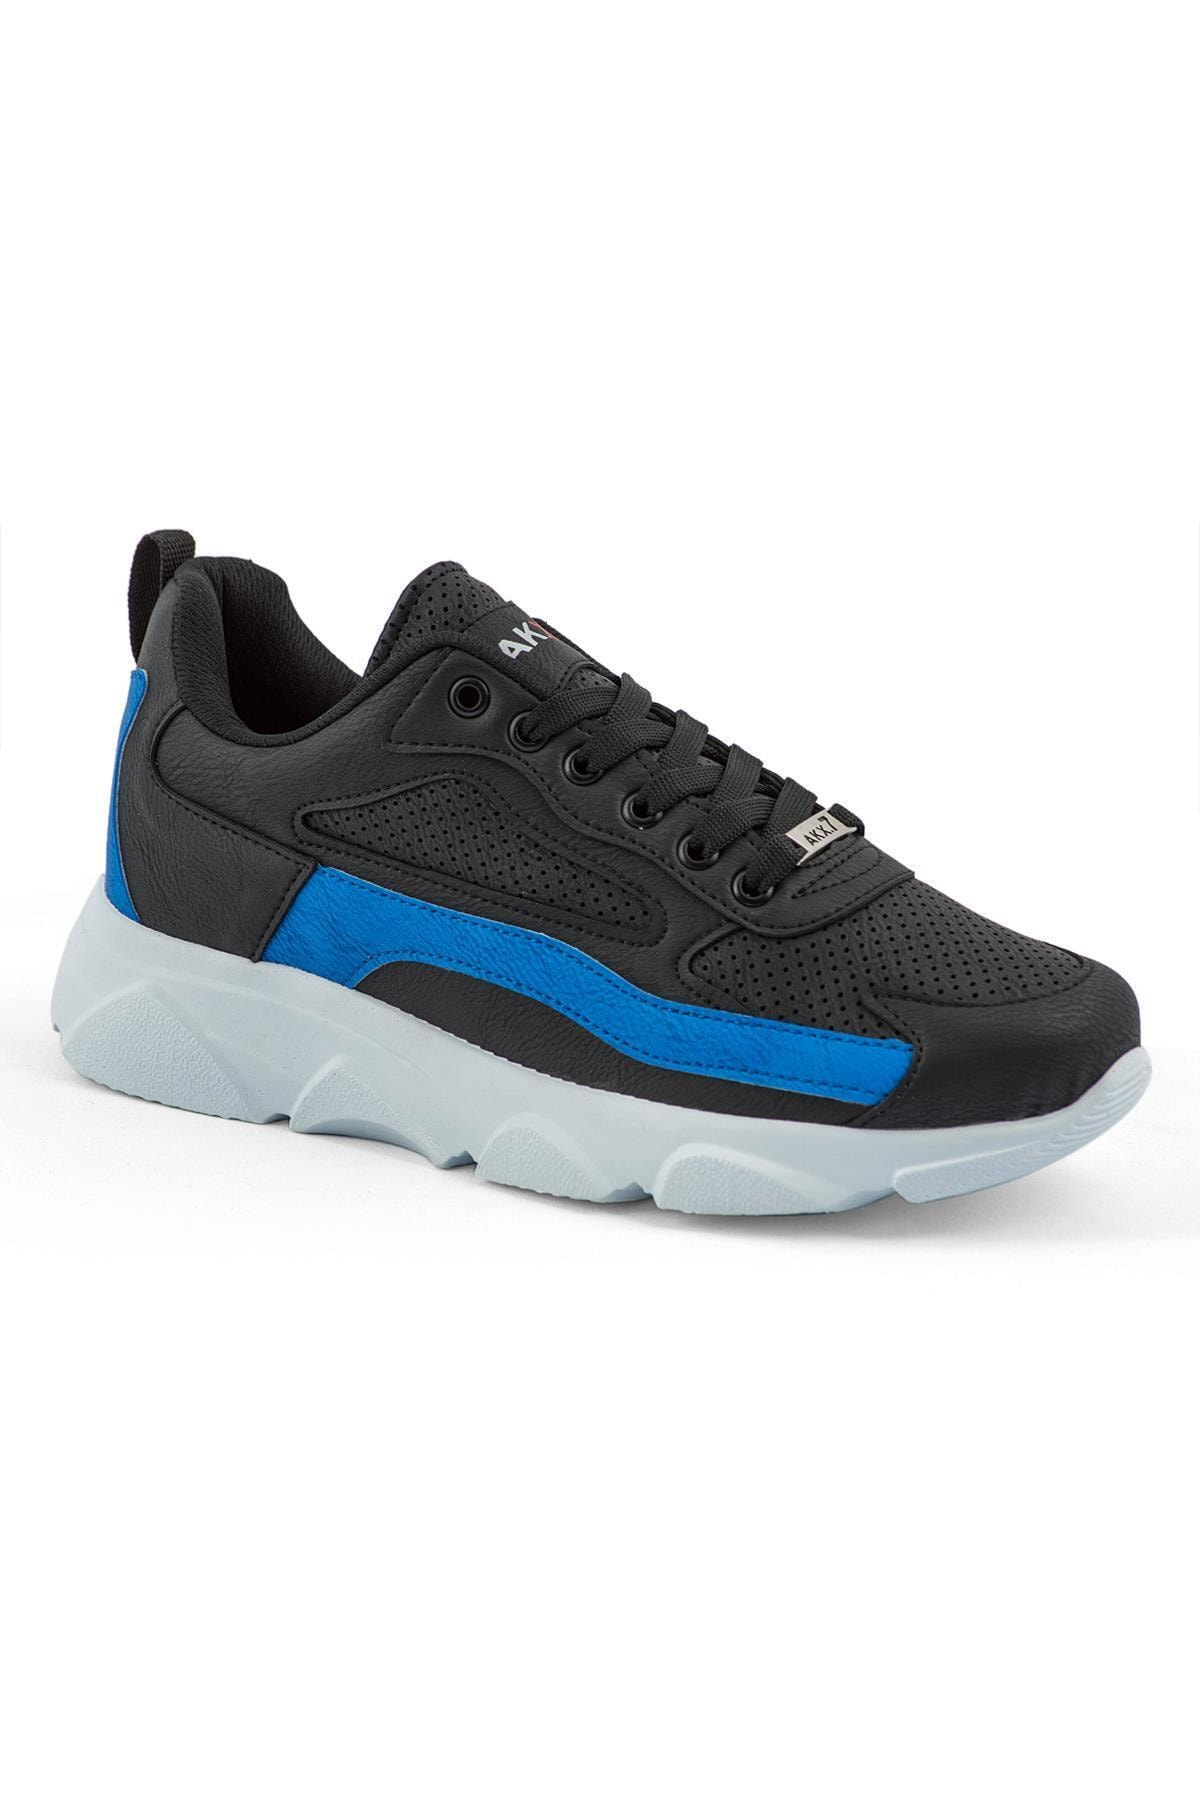 AKX 7 029 Siyah Sax Beyaz Erkek Spor Ayakkabı 2